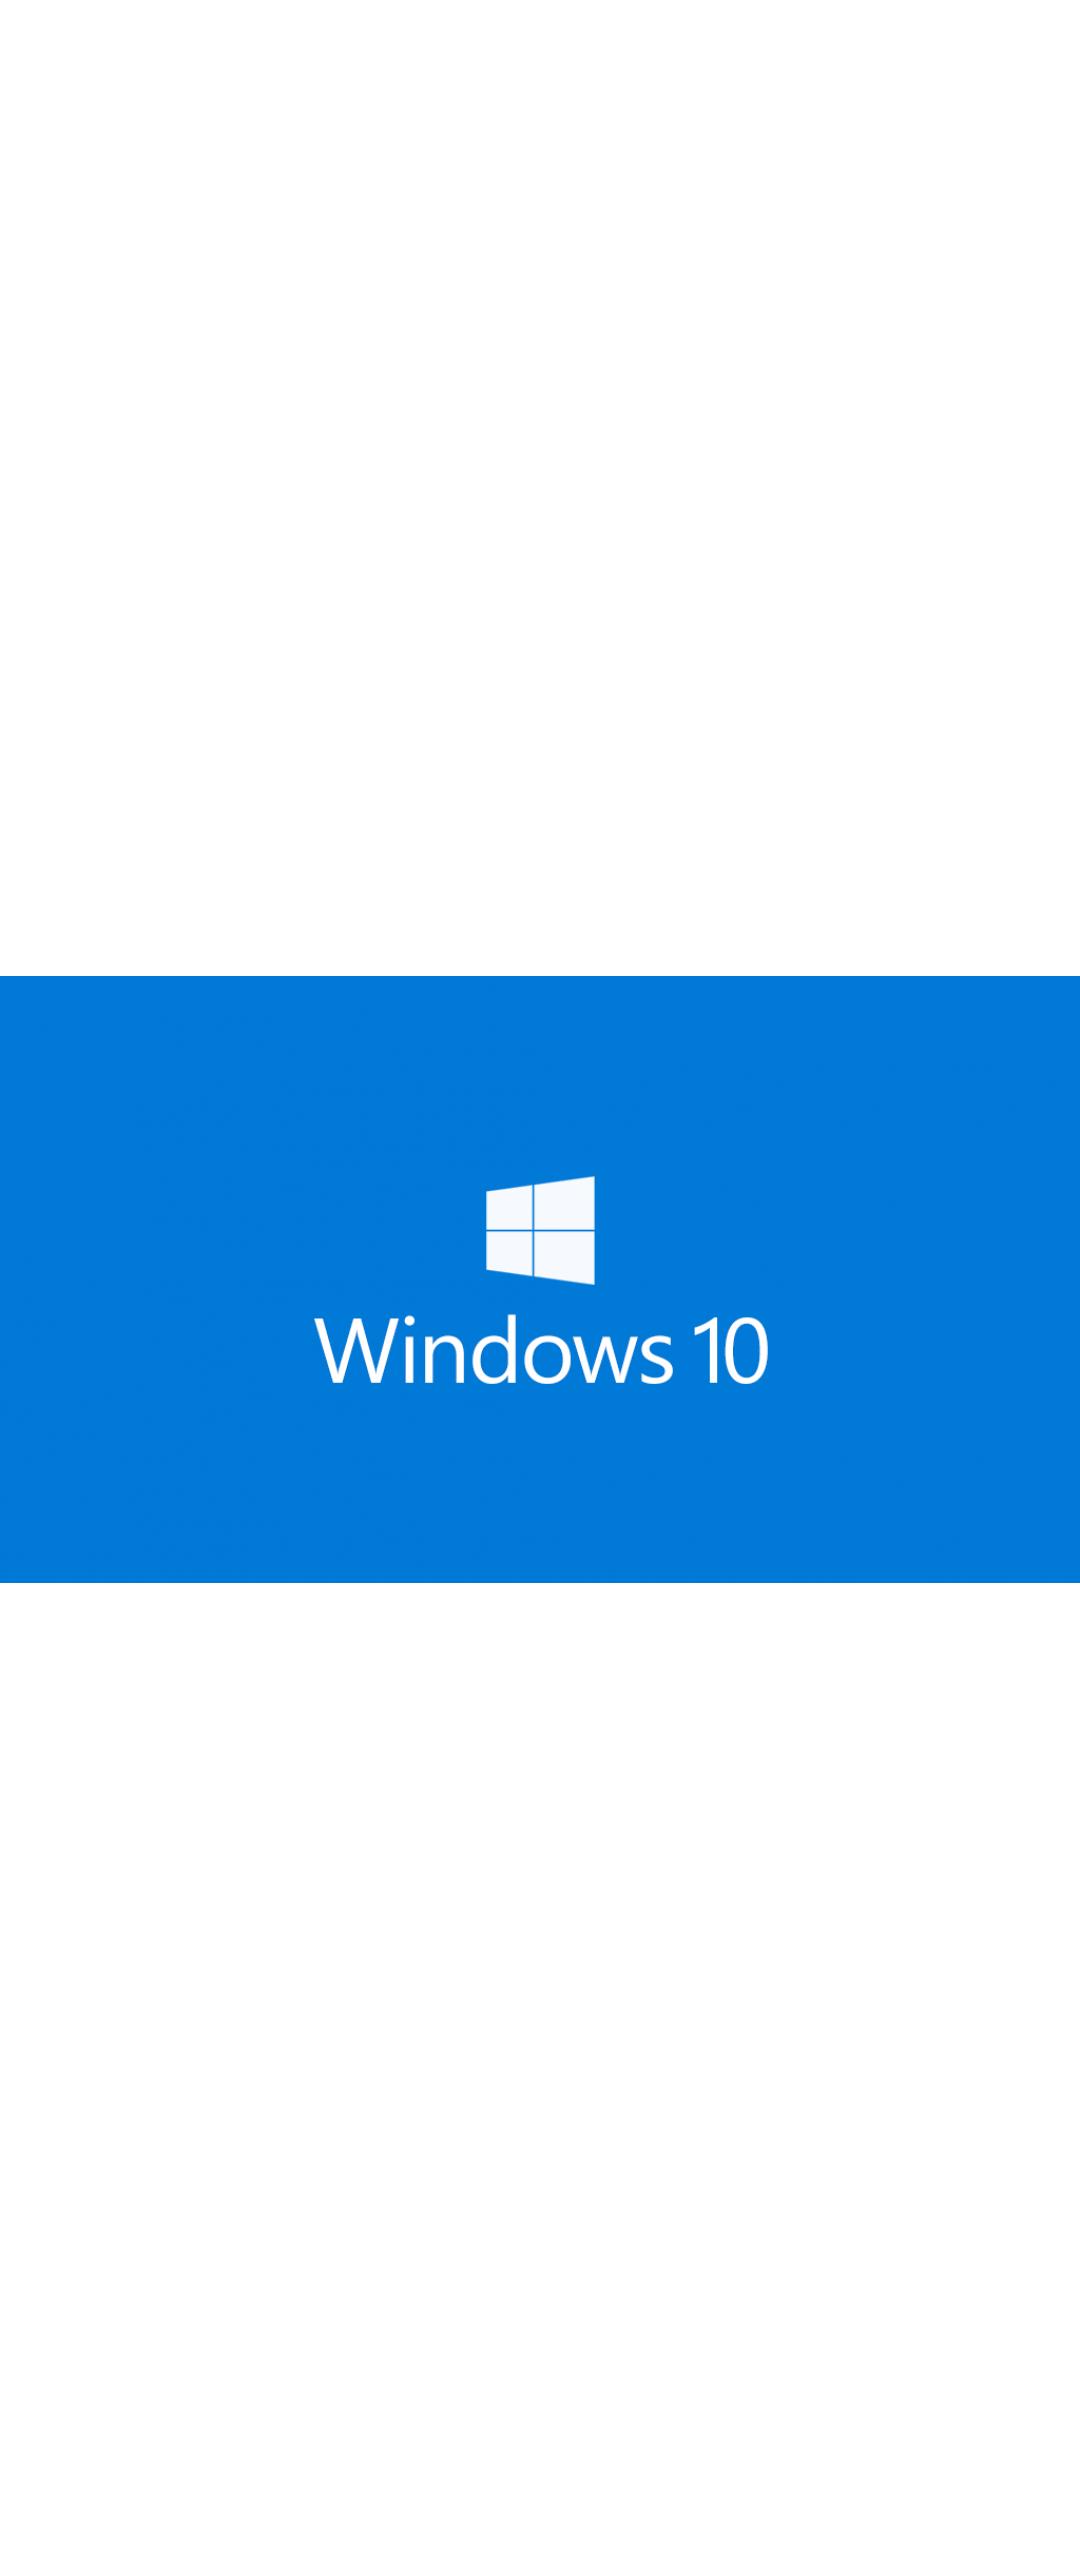 Windows 10 Treshold 1 dejará de recibir actualizaciones pronto